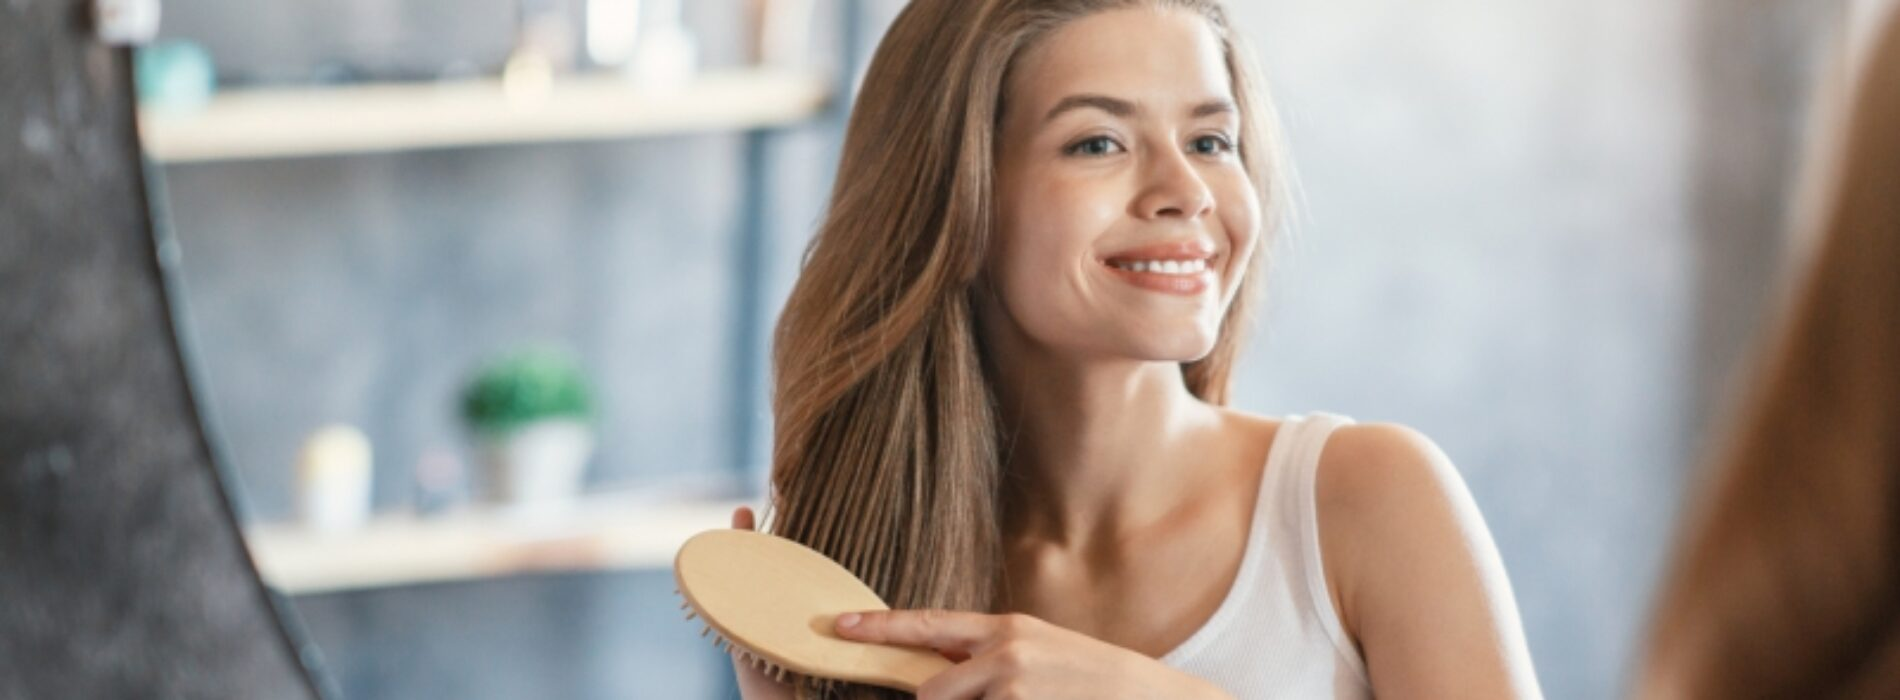 Jak leczyć wypadanie włosów i łysienie? Kiedy